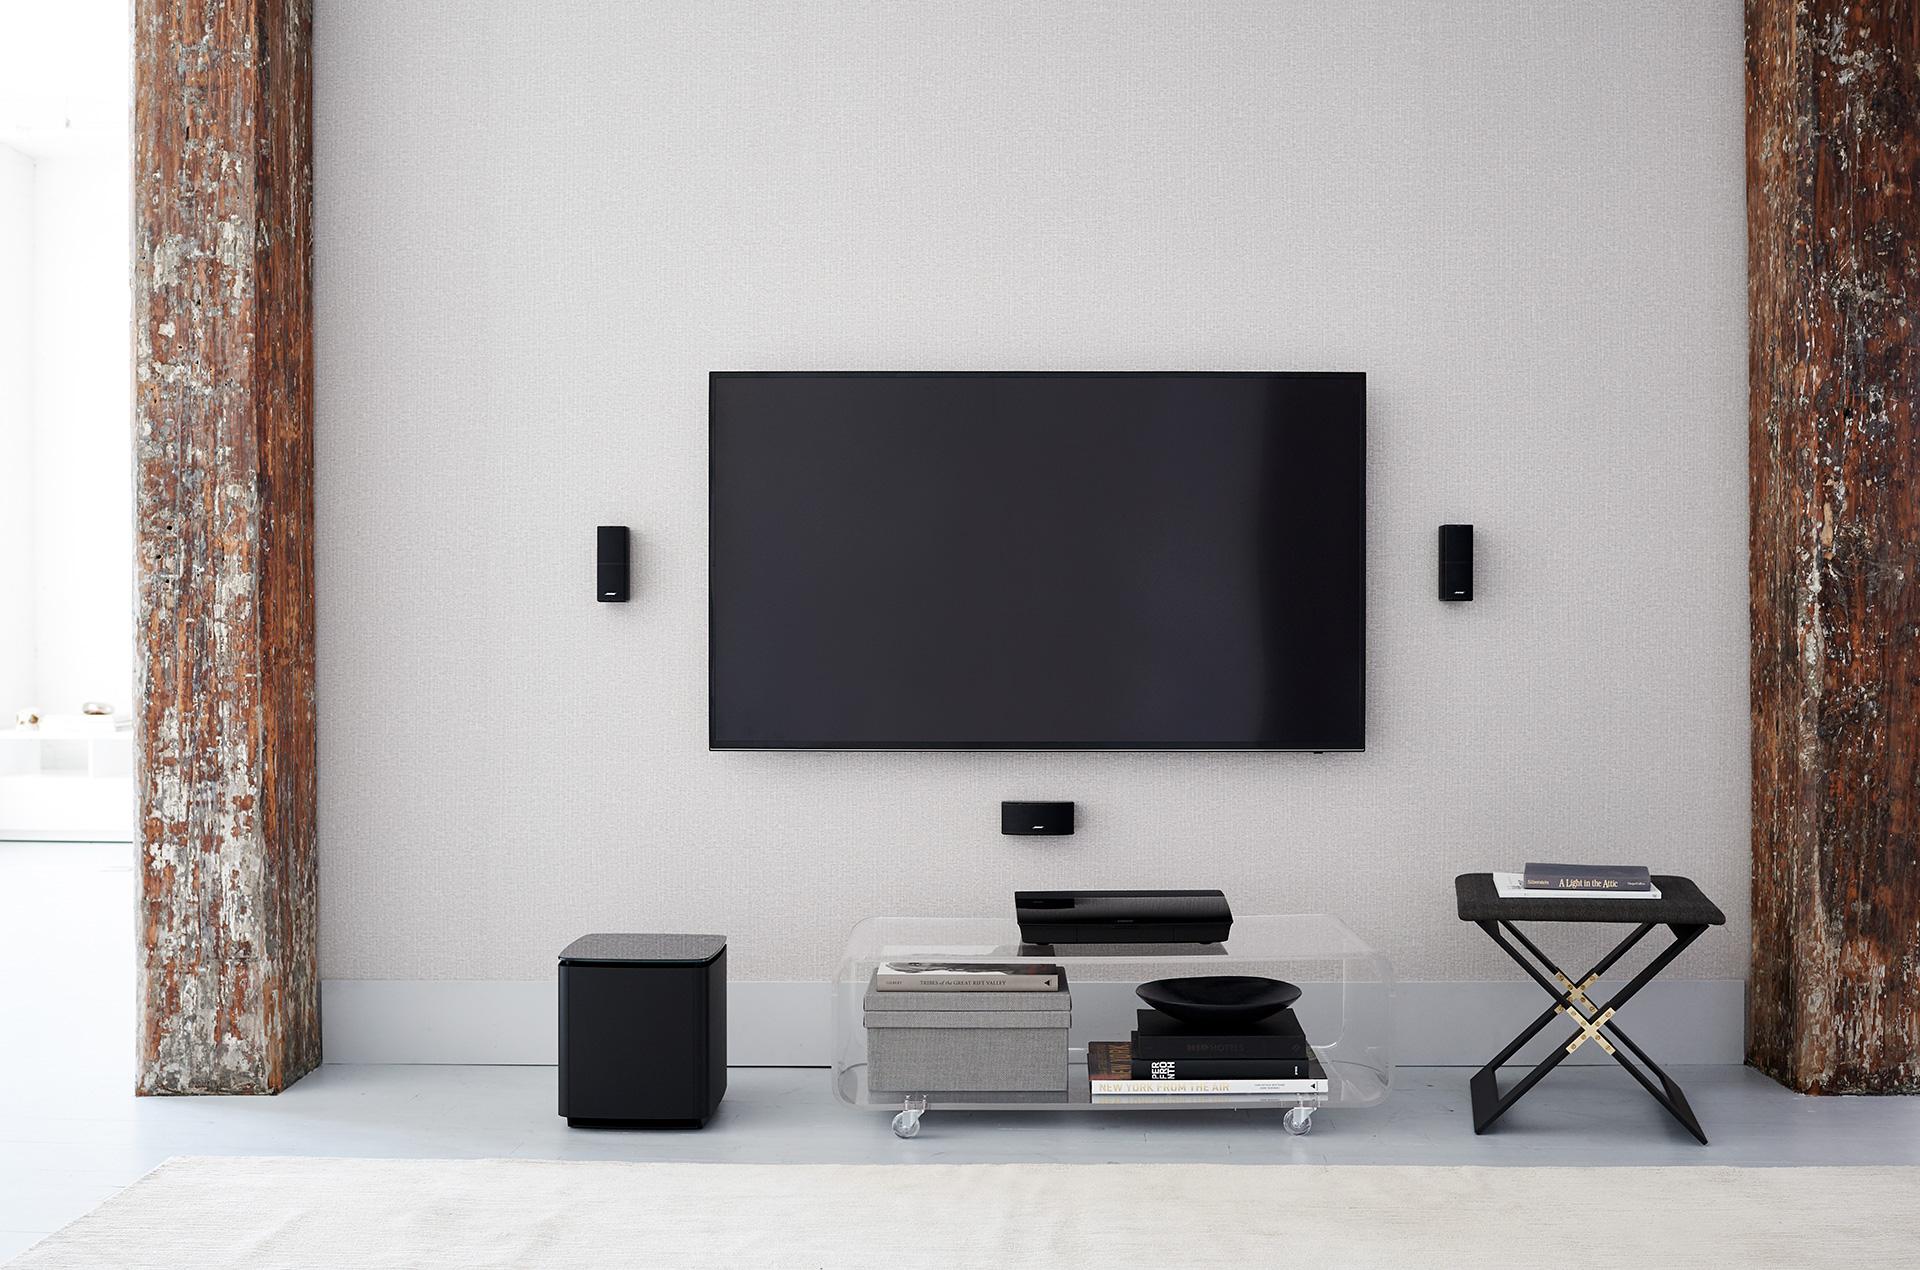 Facile à installer - Système home cinéma Lifestyle 600 ControlSound